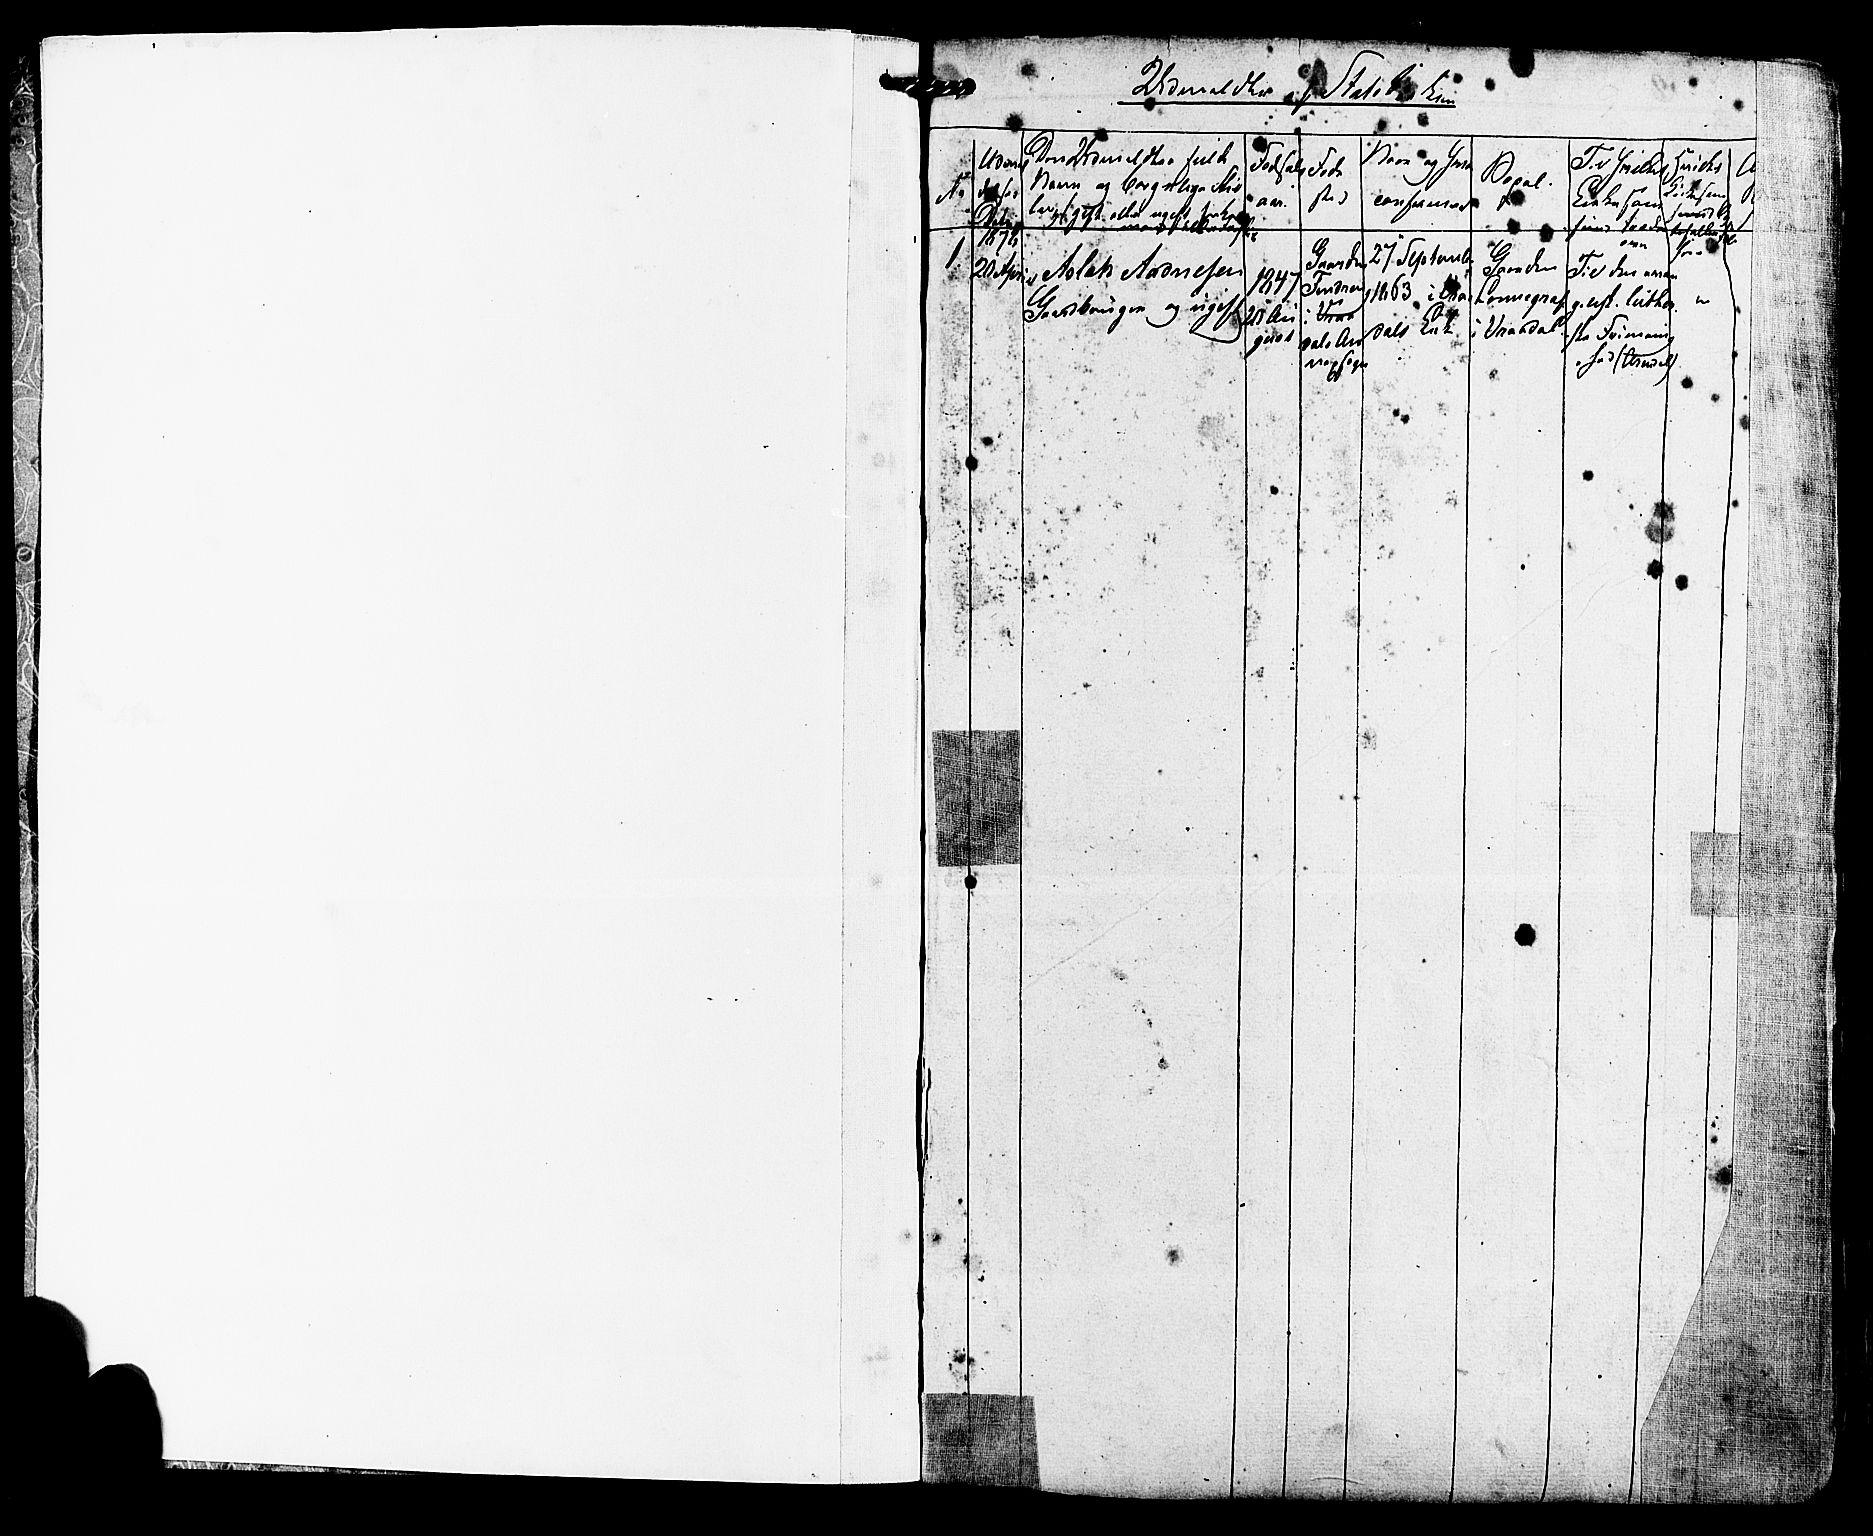 SAKO, Kviteseid kirkebøker, F/Fa/L0007: Ministerialbok nr. I 7, 1859-1881